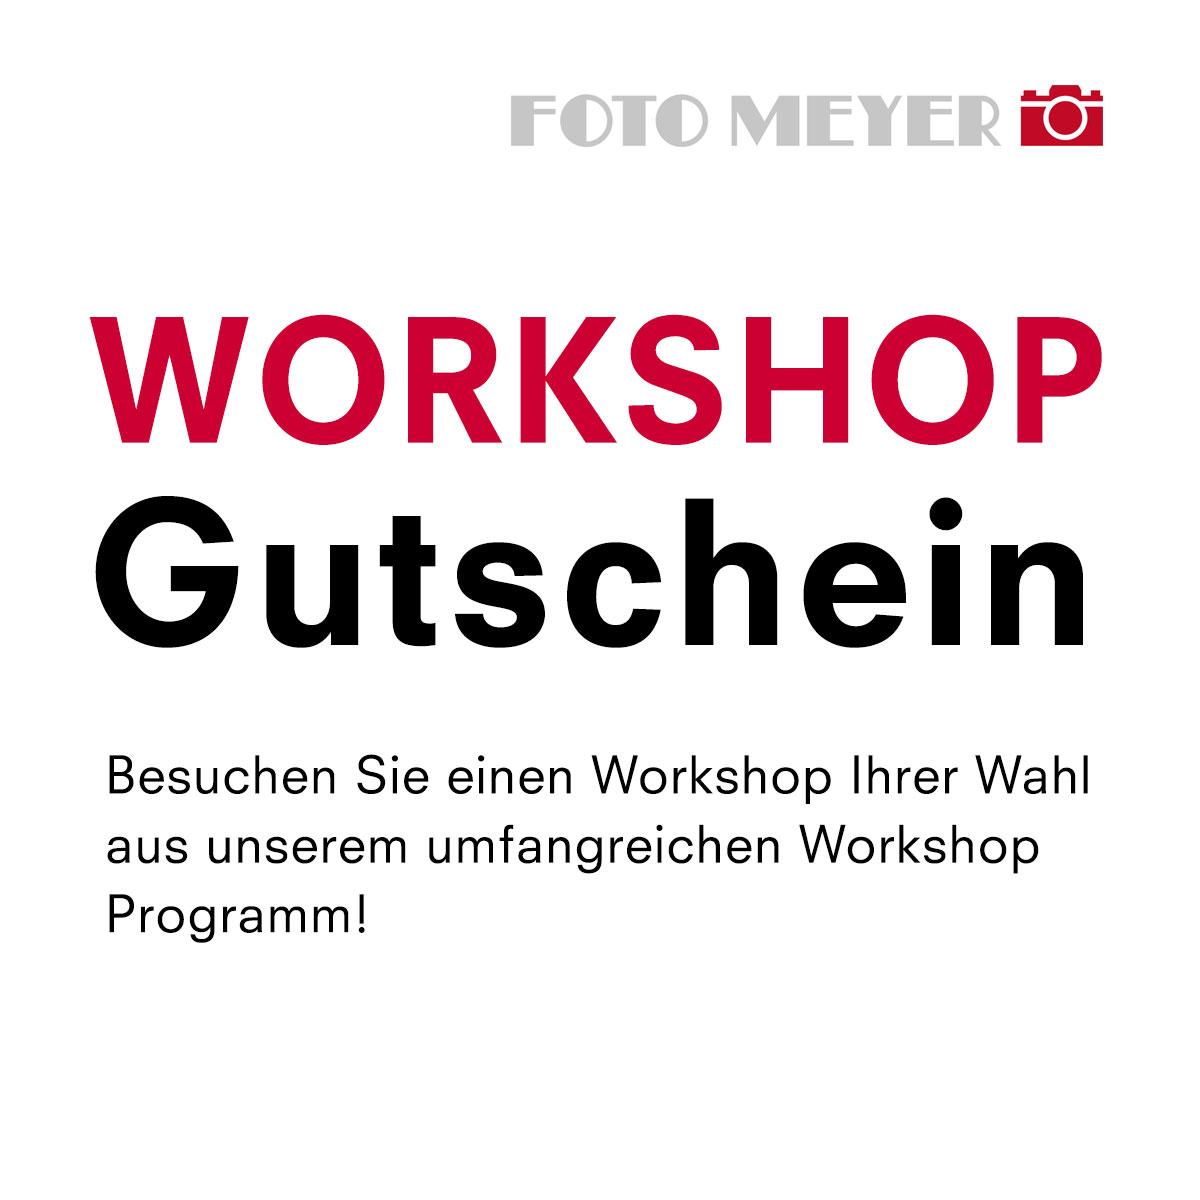 2.Preis-Workshop-Gutschein